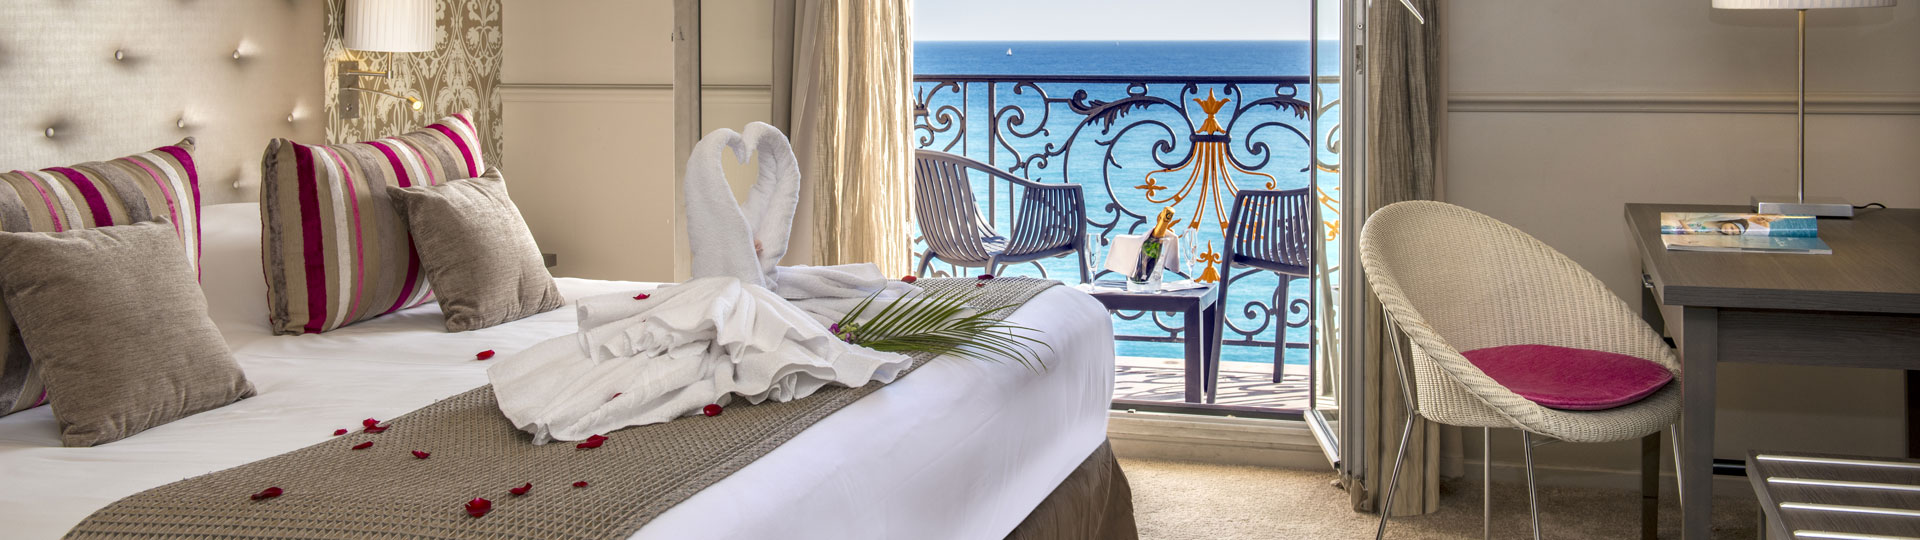 Chambre double, twin vue sur mer de 'hôtel Le Royal à Nice